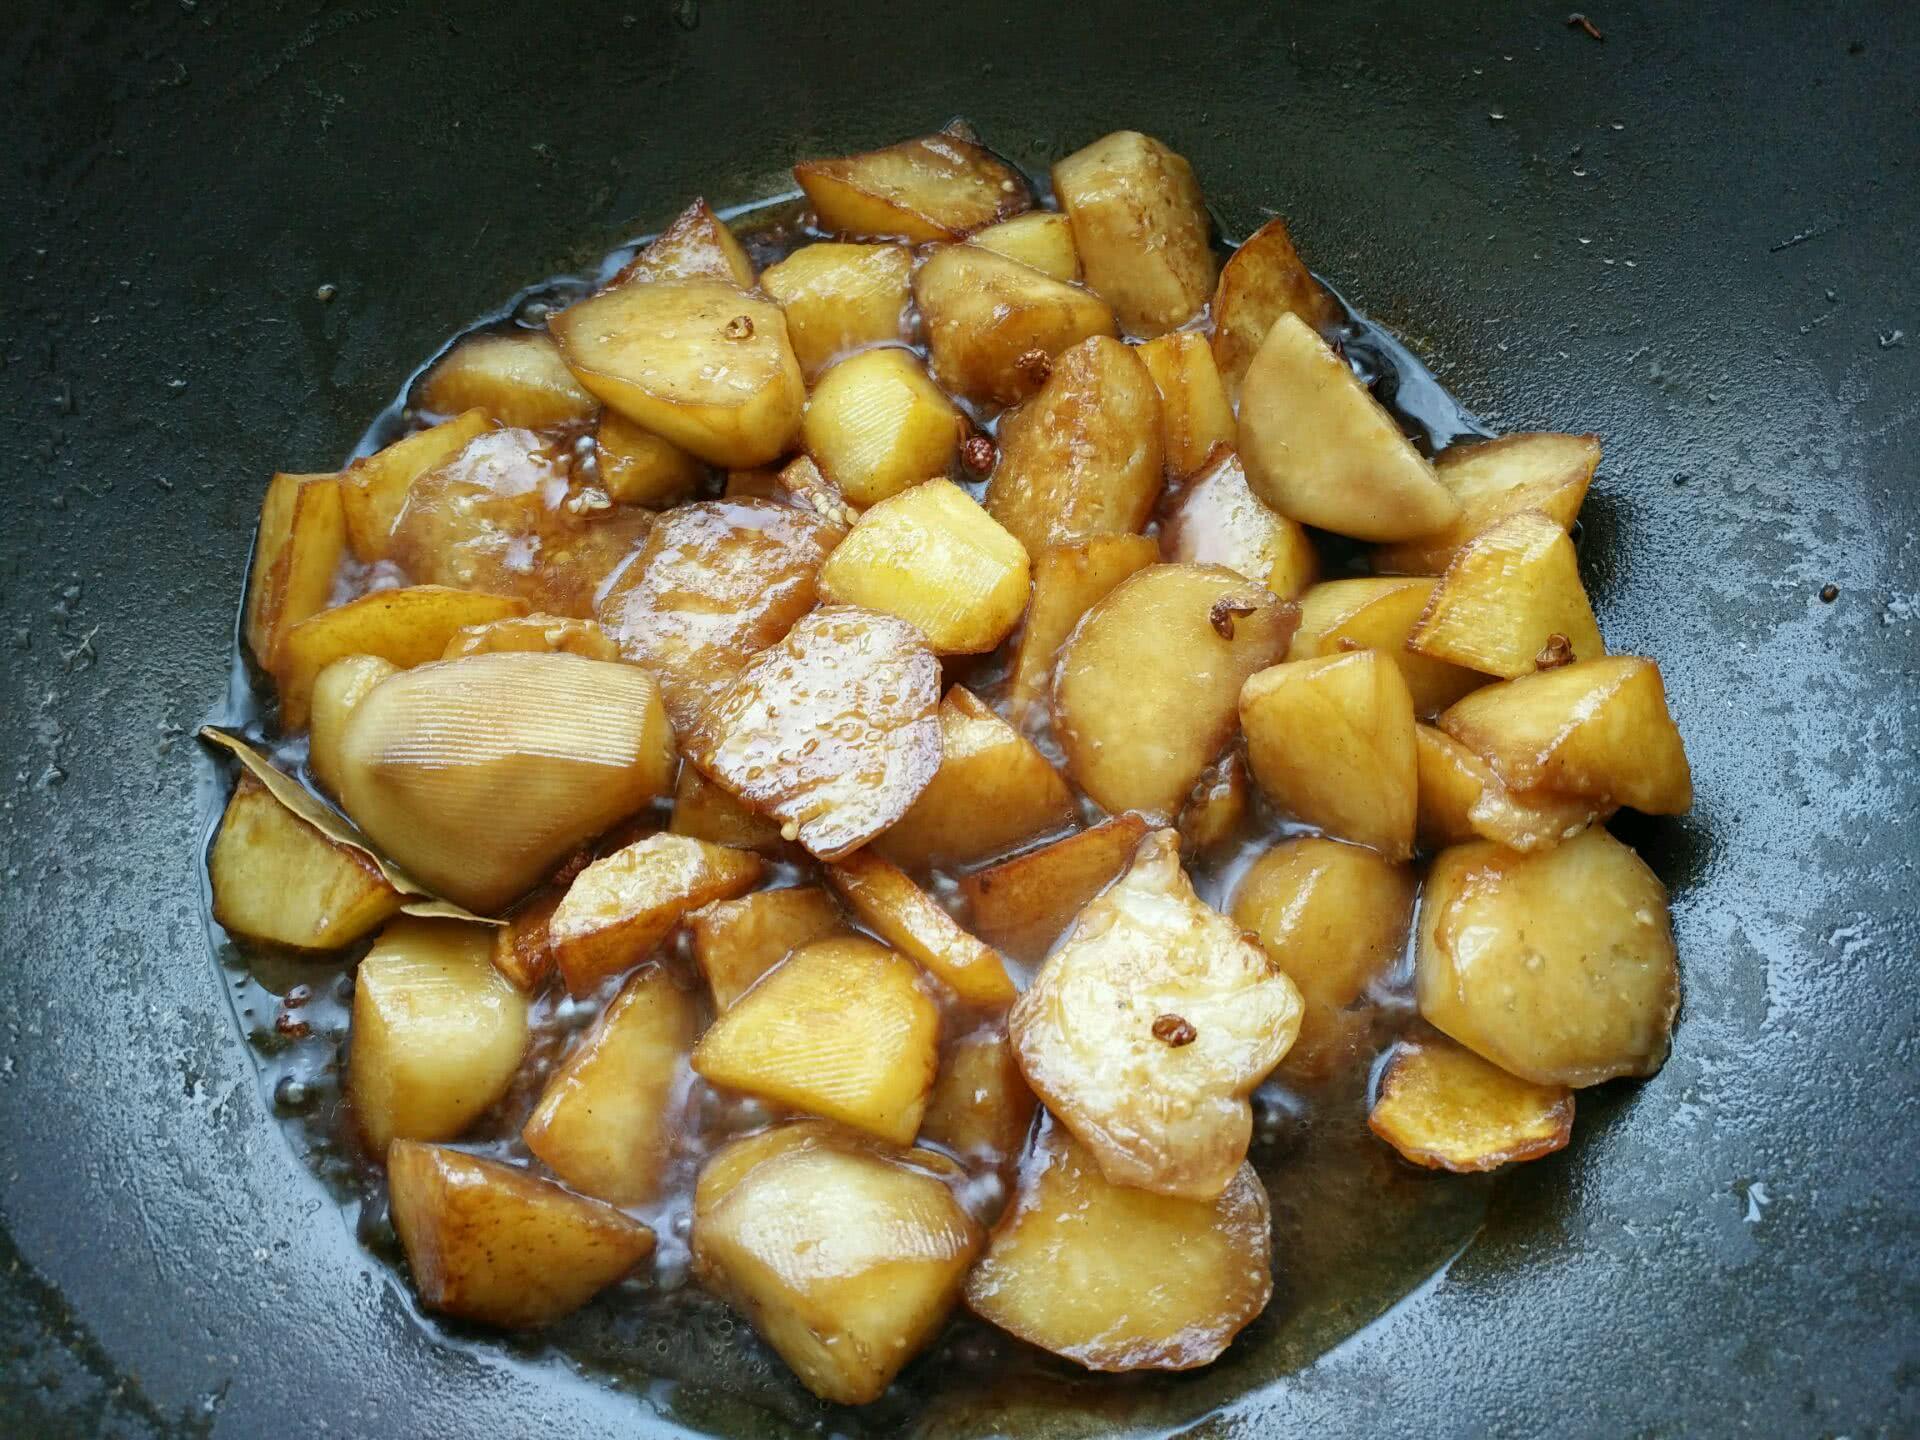 土豆烧茄子的做法图解3